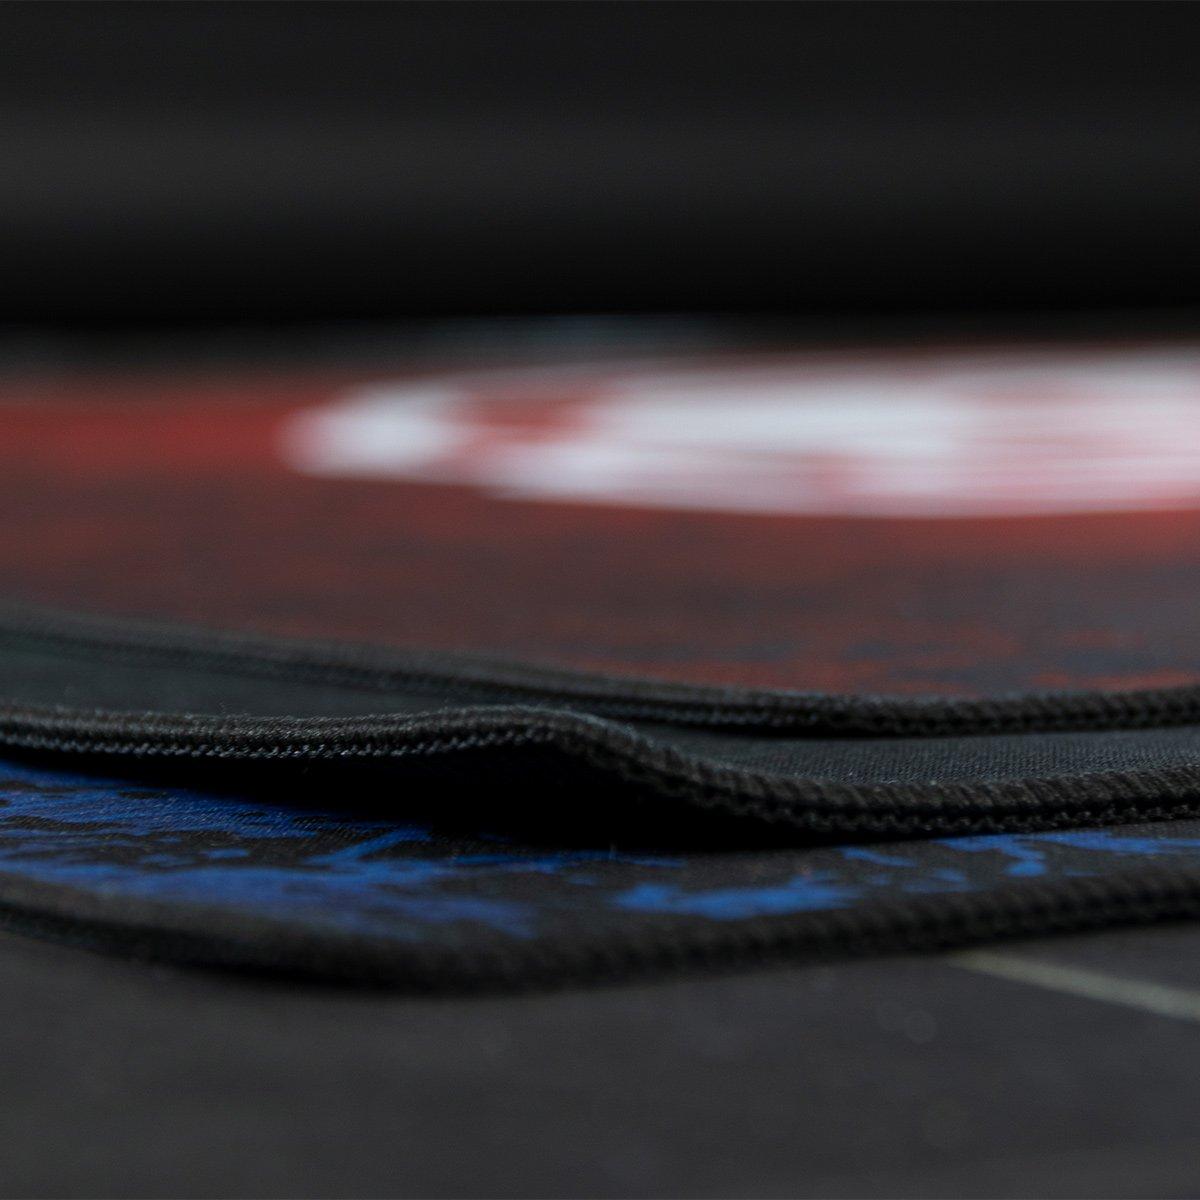 Detailansicht der Nähte der Floormat